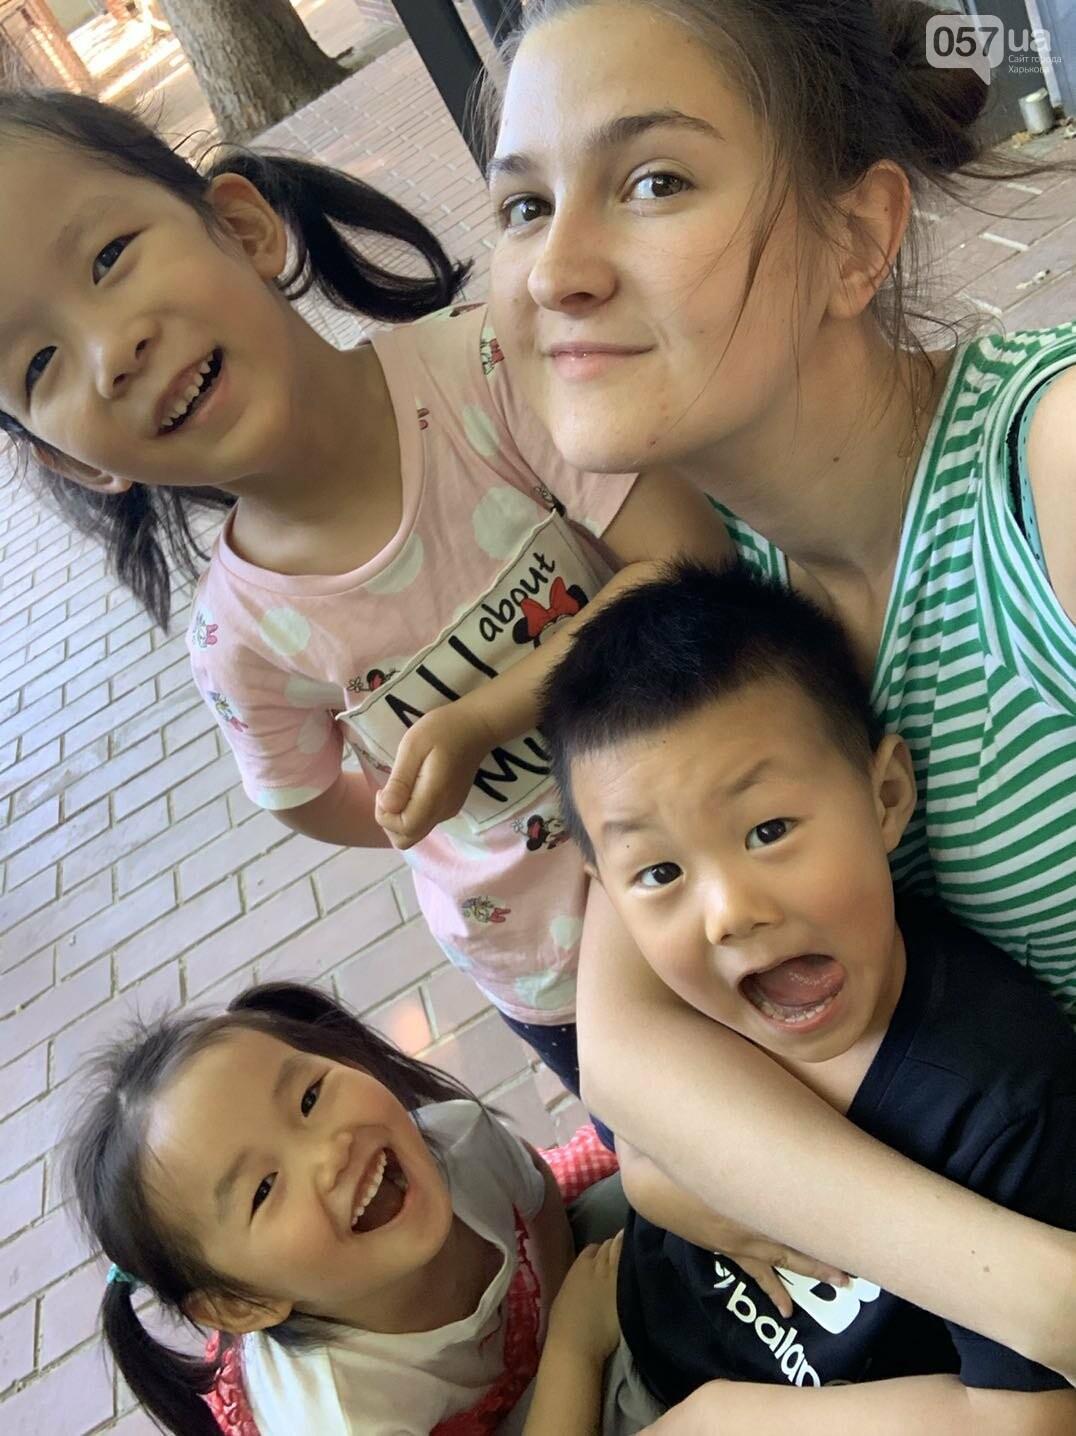 Жизнь в Китае при коронавирусе: эксклюзивный репортаж харьковчанки из Пекина, - ВИДЕО, ФОТО, фото-11